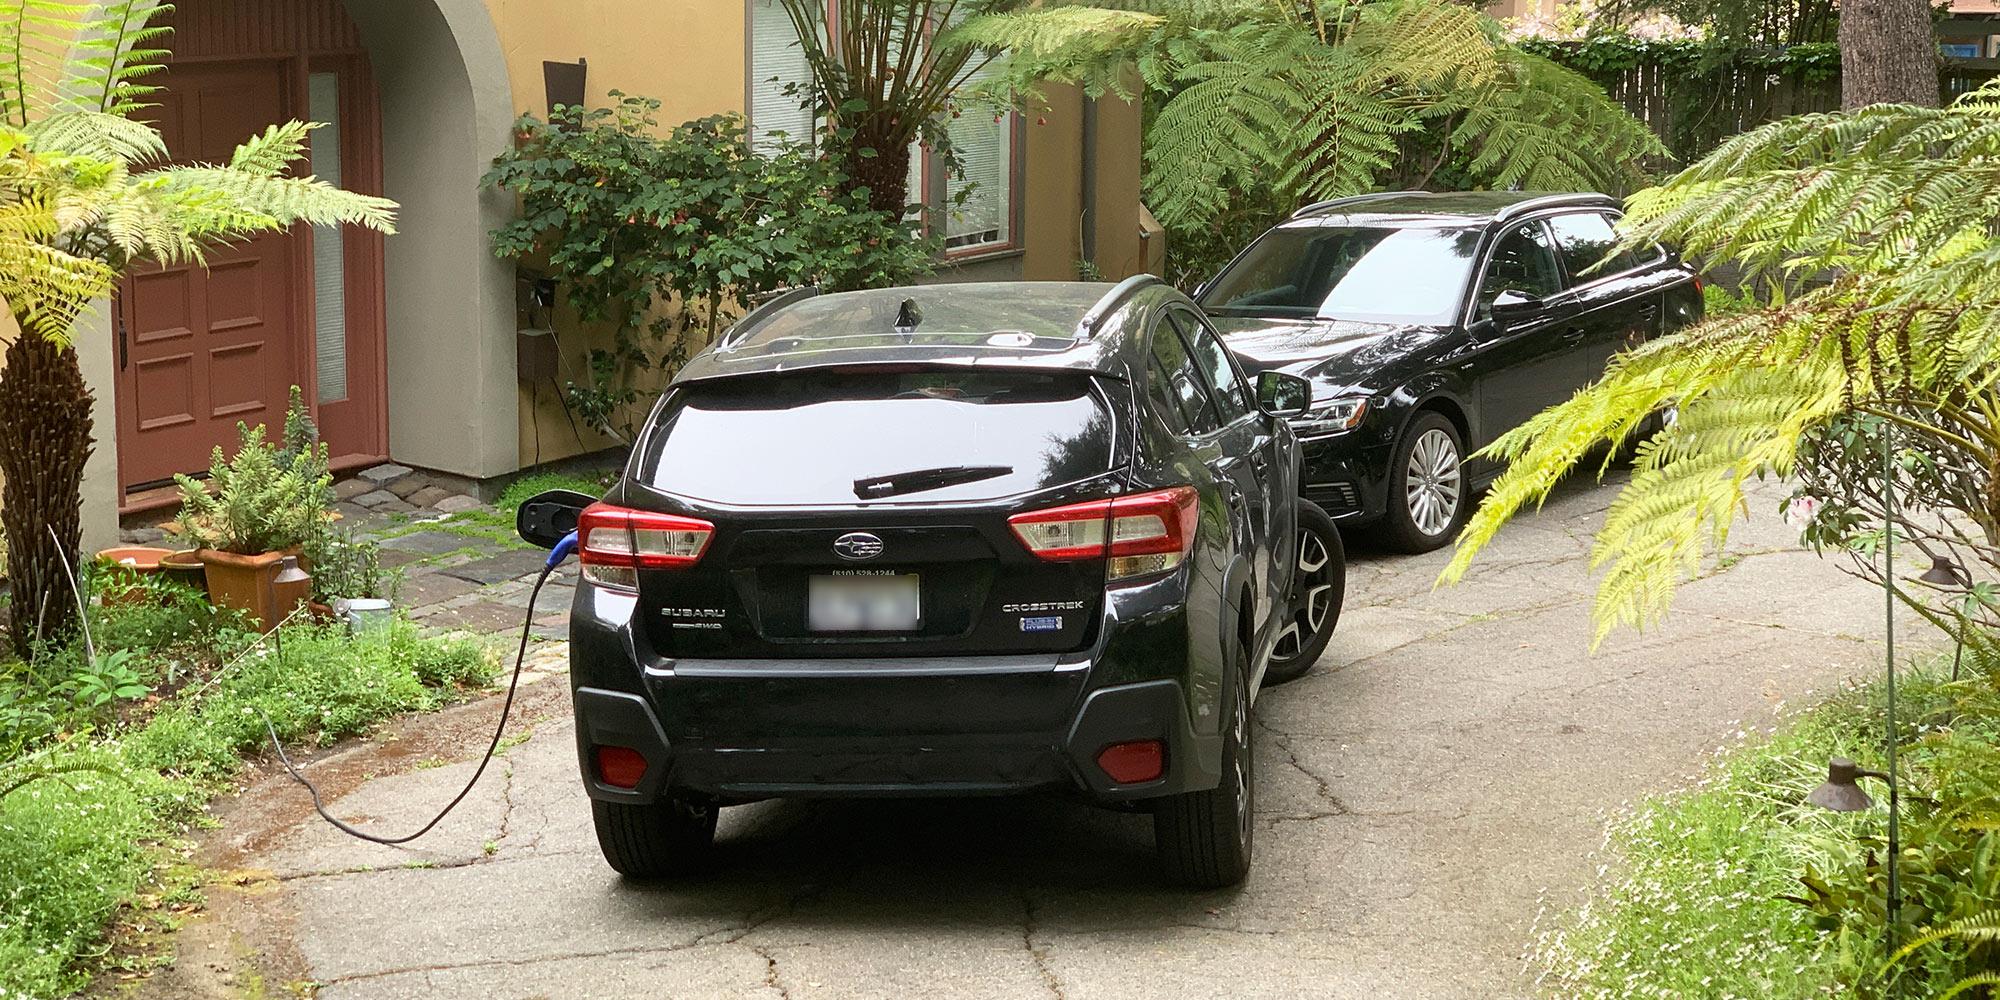 Subaru and Audi plug-in hybrids in a driveway